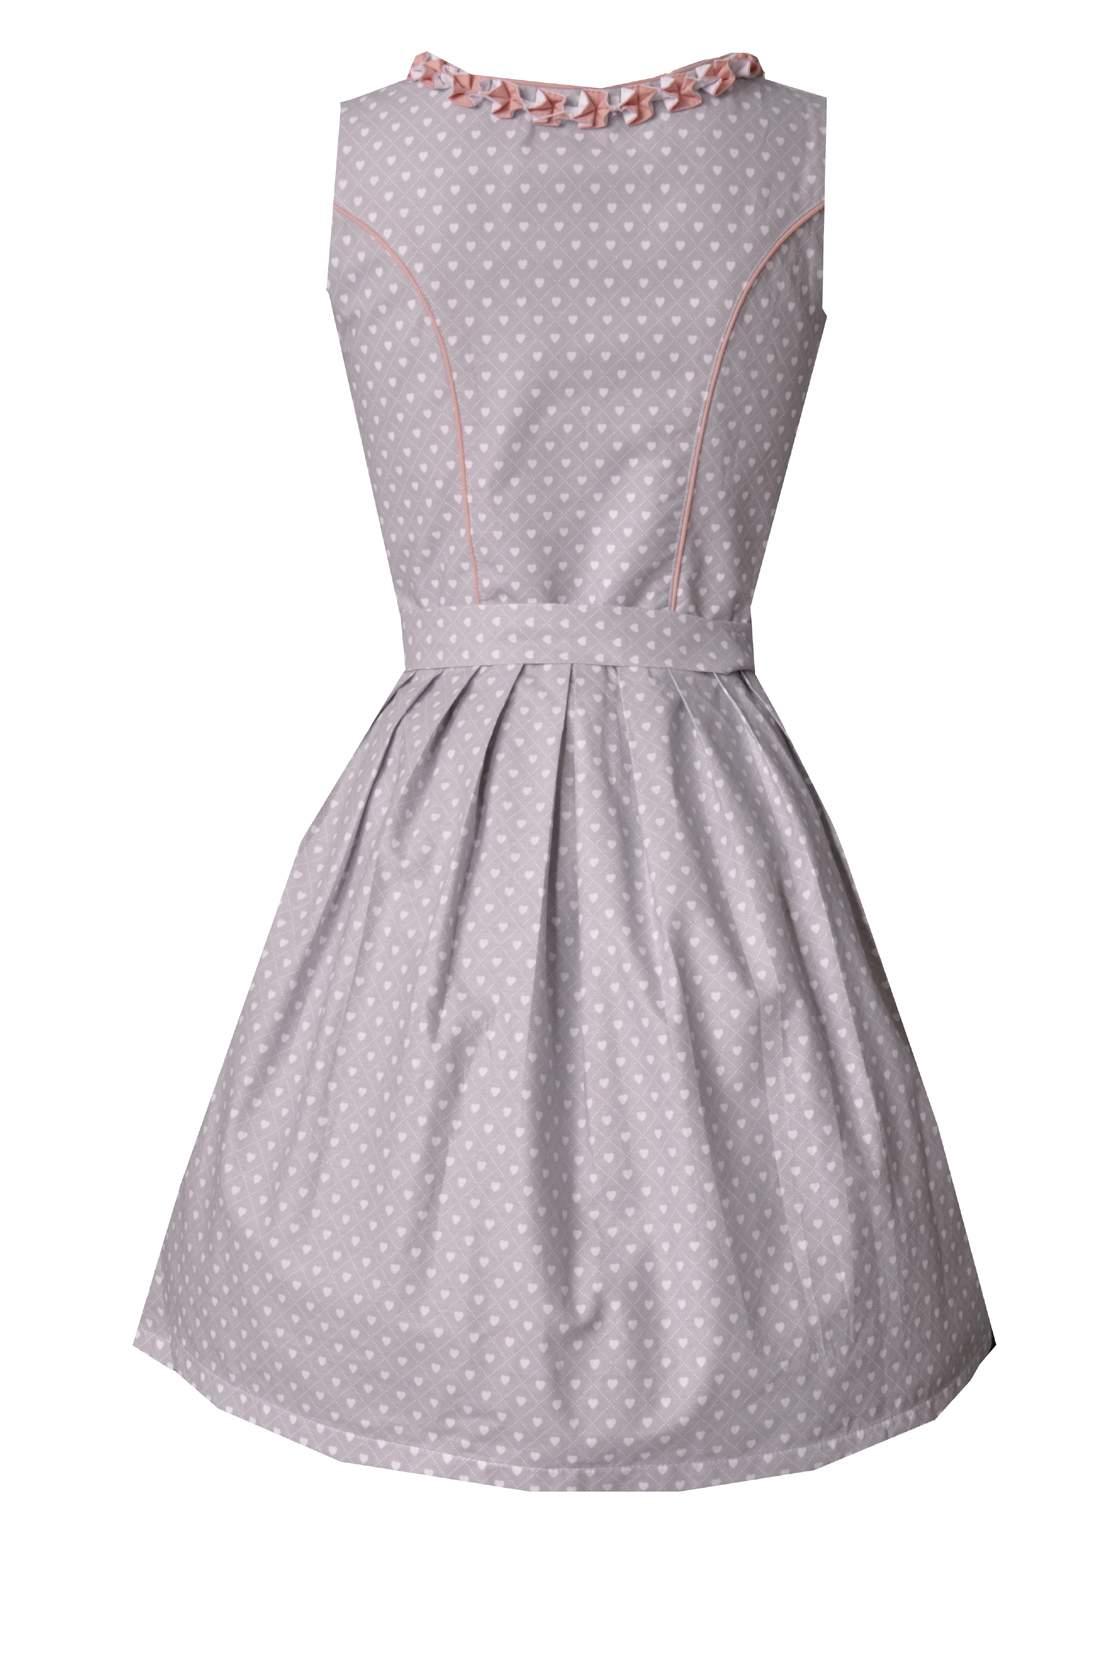 bayer garten reizend details zu dirndl mini 50 cm hellgrau rosa trachtenkleid minidirndl of bayer garten